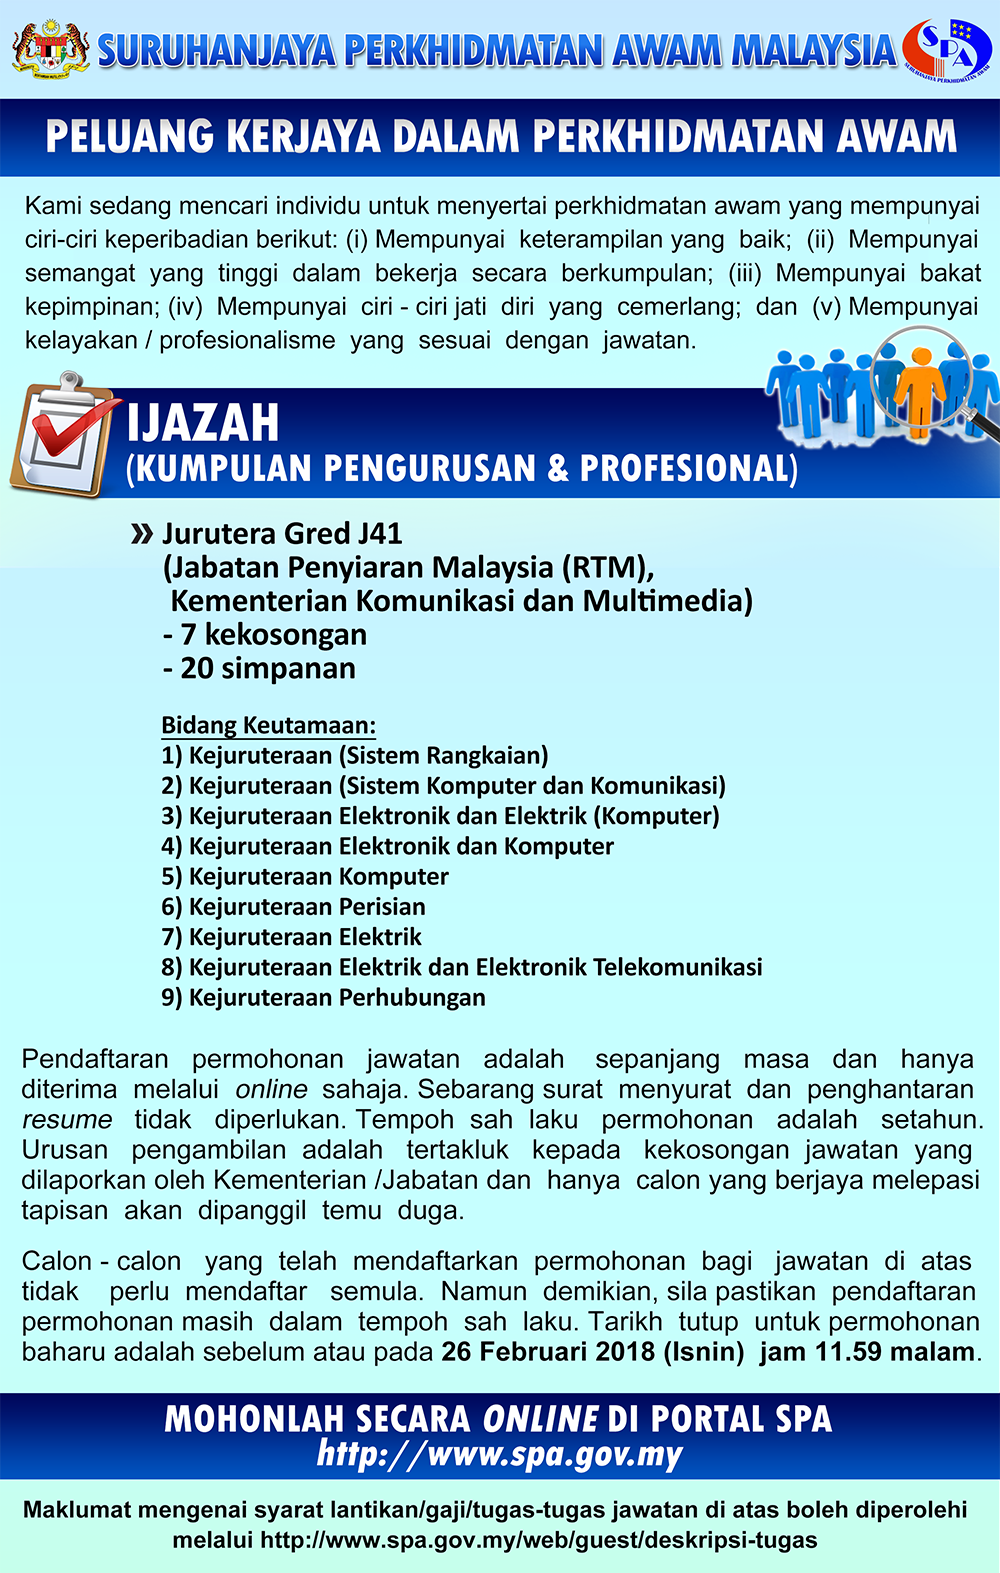 Jawatan Kosong Di Suruhanjaya Perkhidmatan Awam Spa Jurutera J41 Seluruh Negara Jobcari Com Jawatan Kosong Terkini